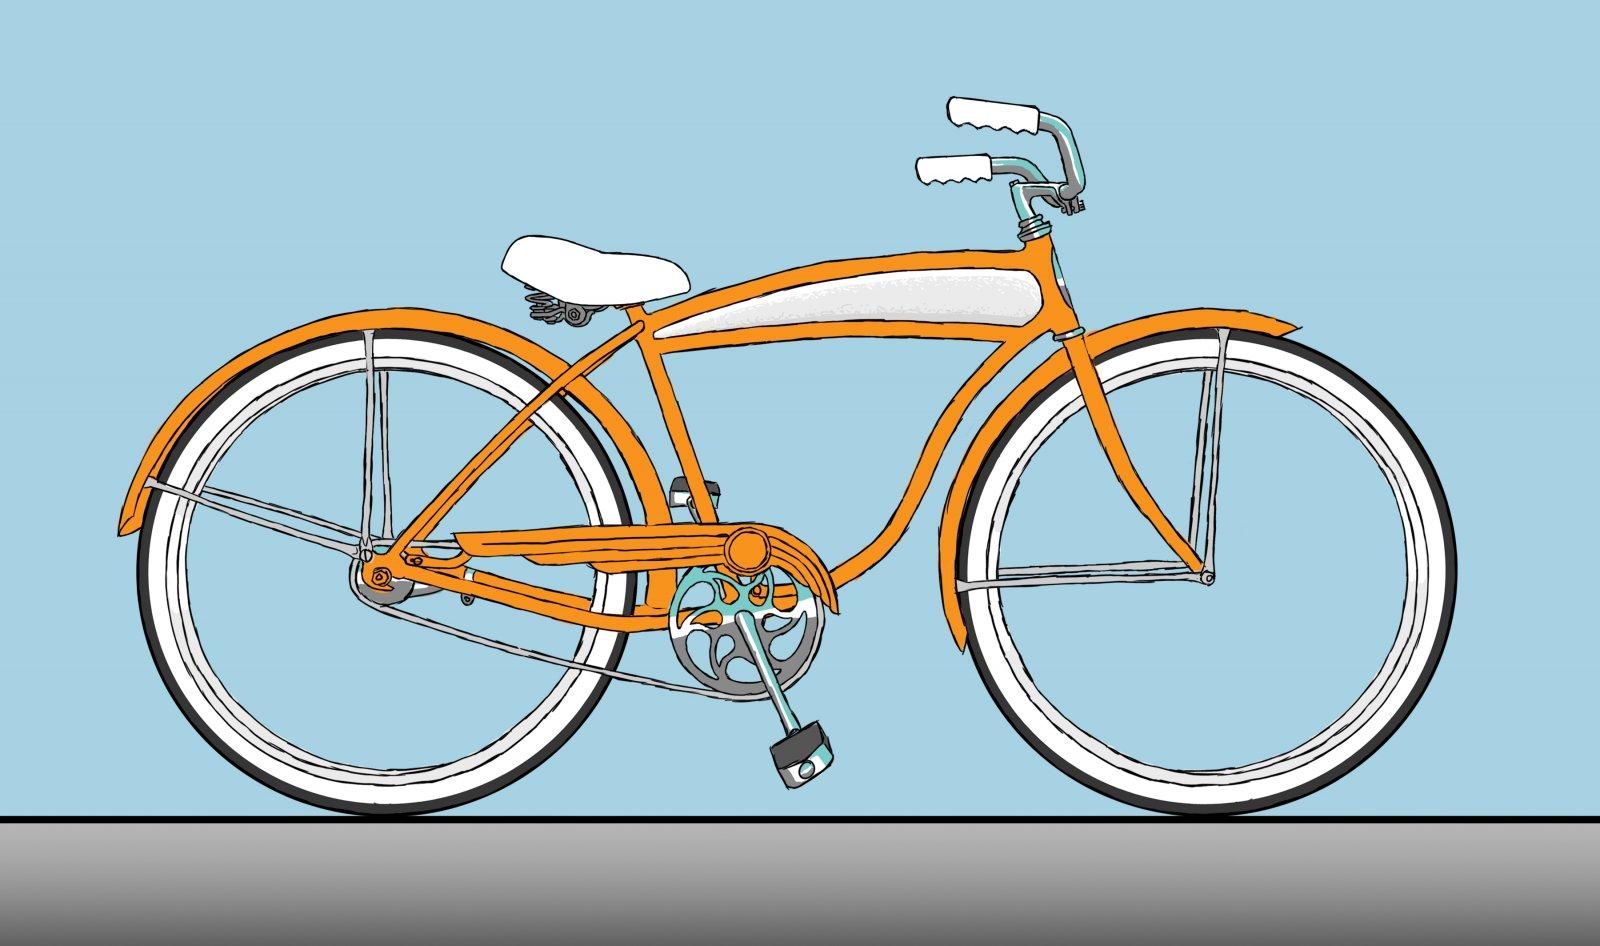 dreamcycle_2_rrbbo_2021-jpg.jpg